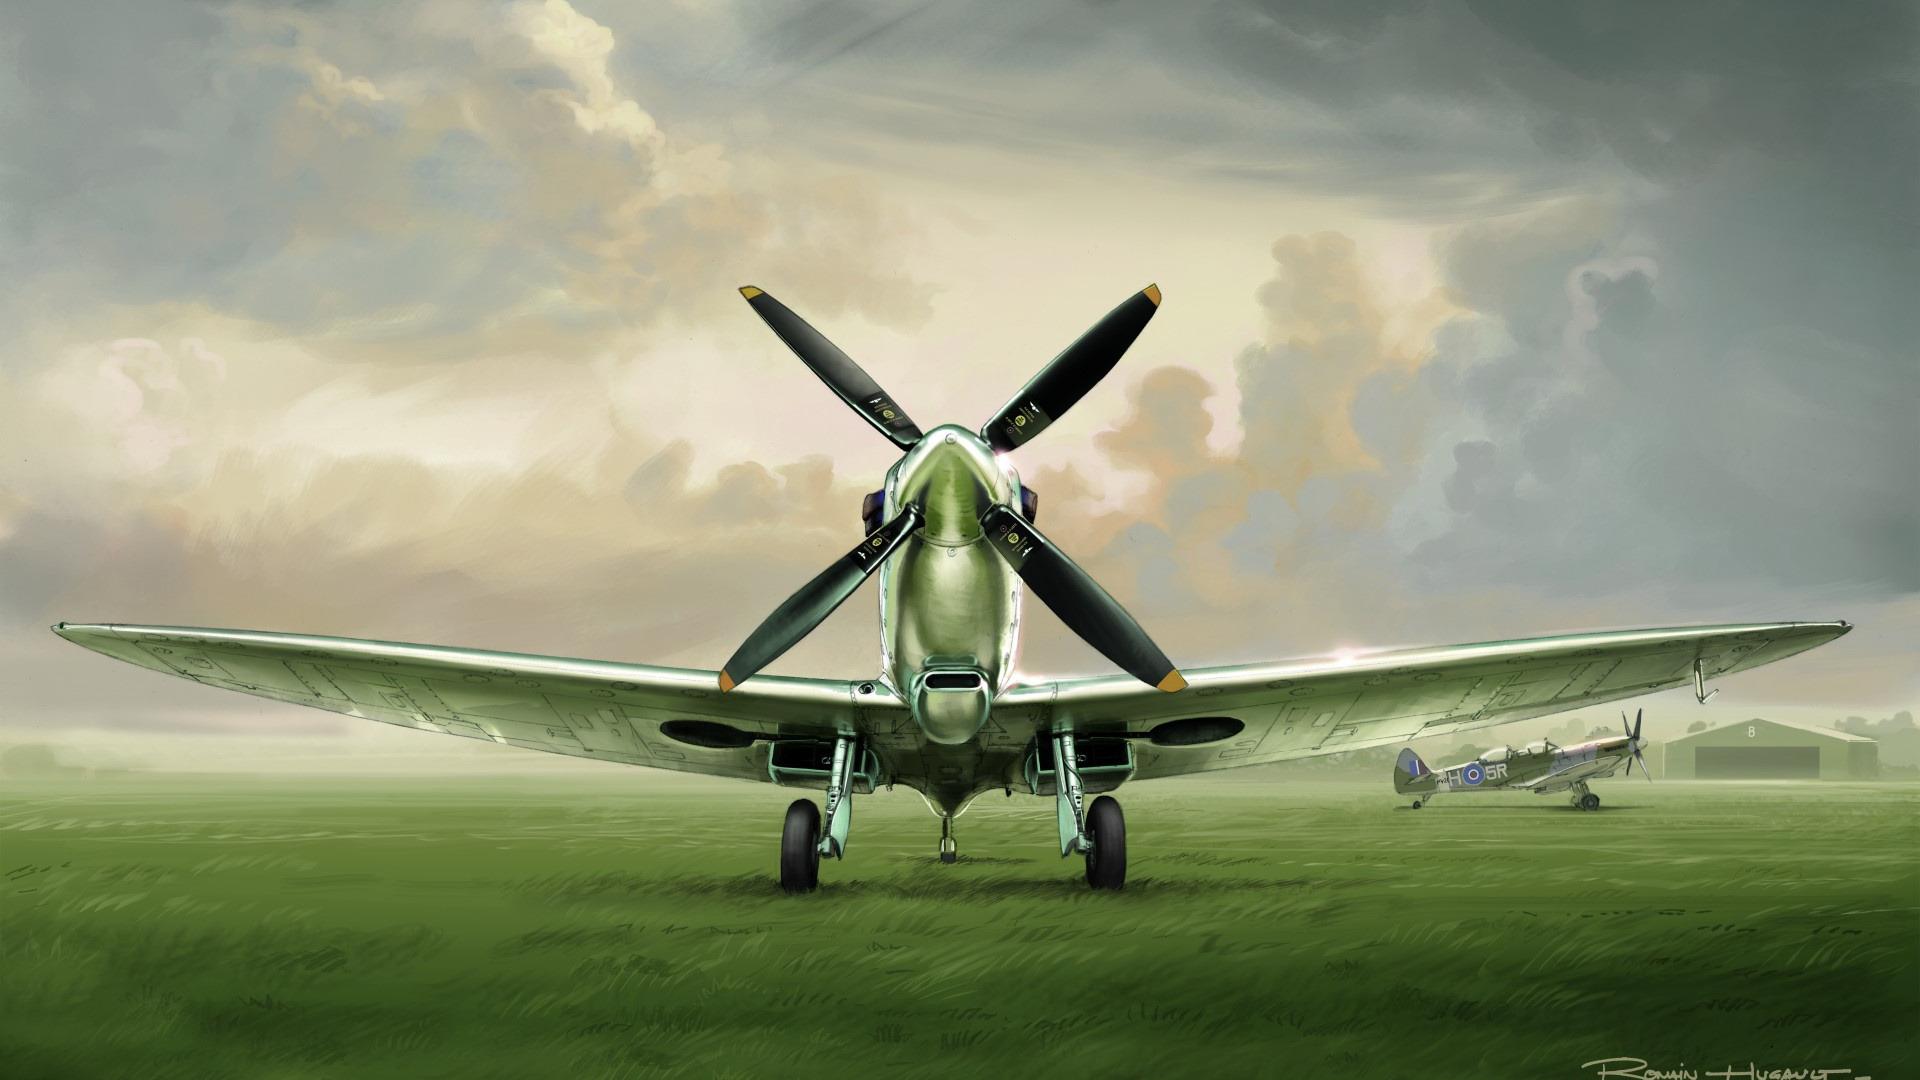 Обои взлетная, истребитель, Самолёт, полоса, мощь, тень, фотографа. Авиация foto 3